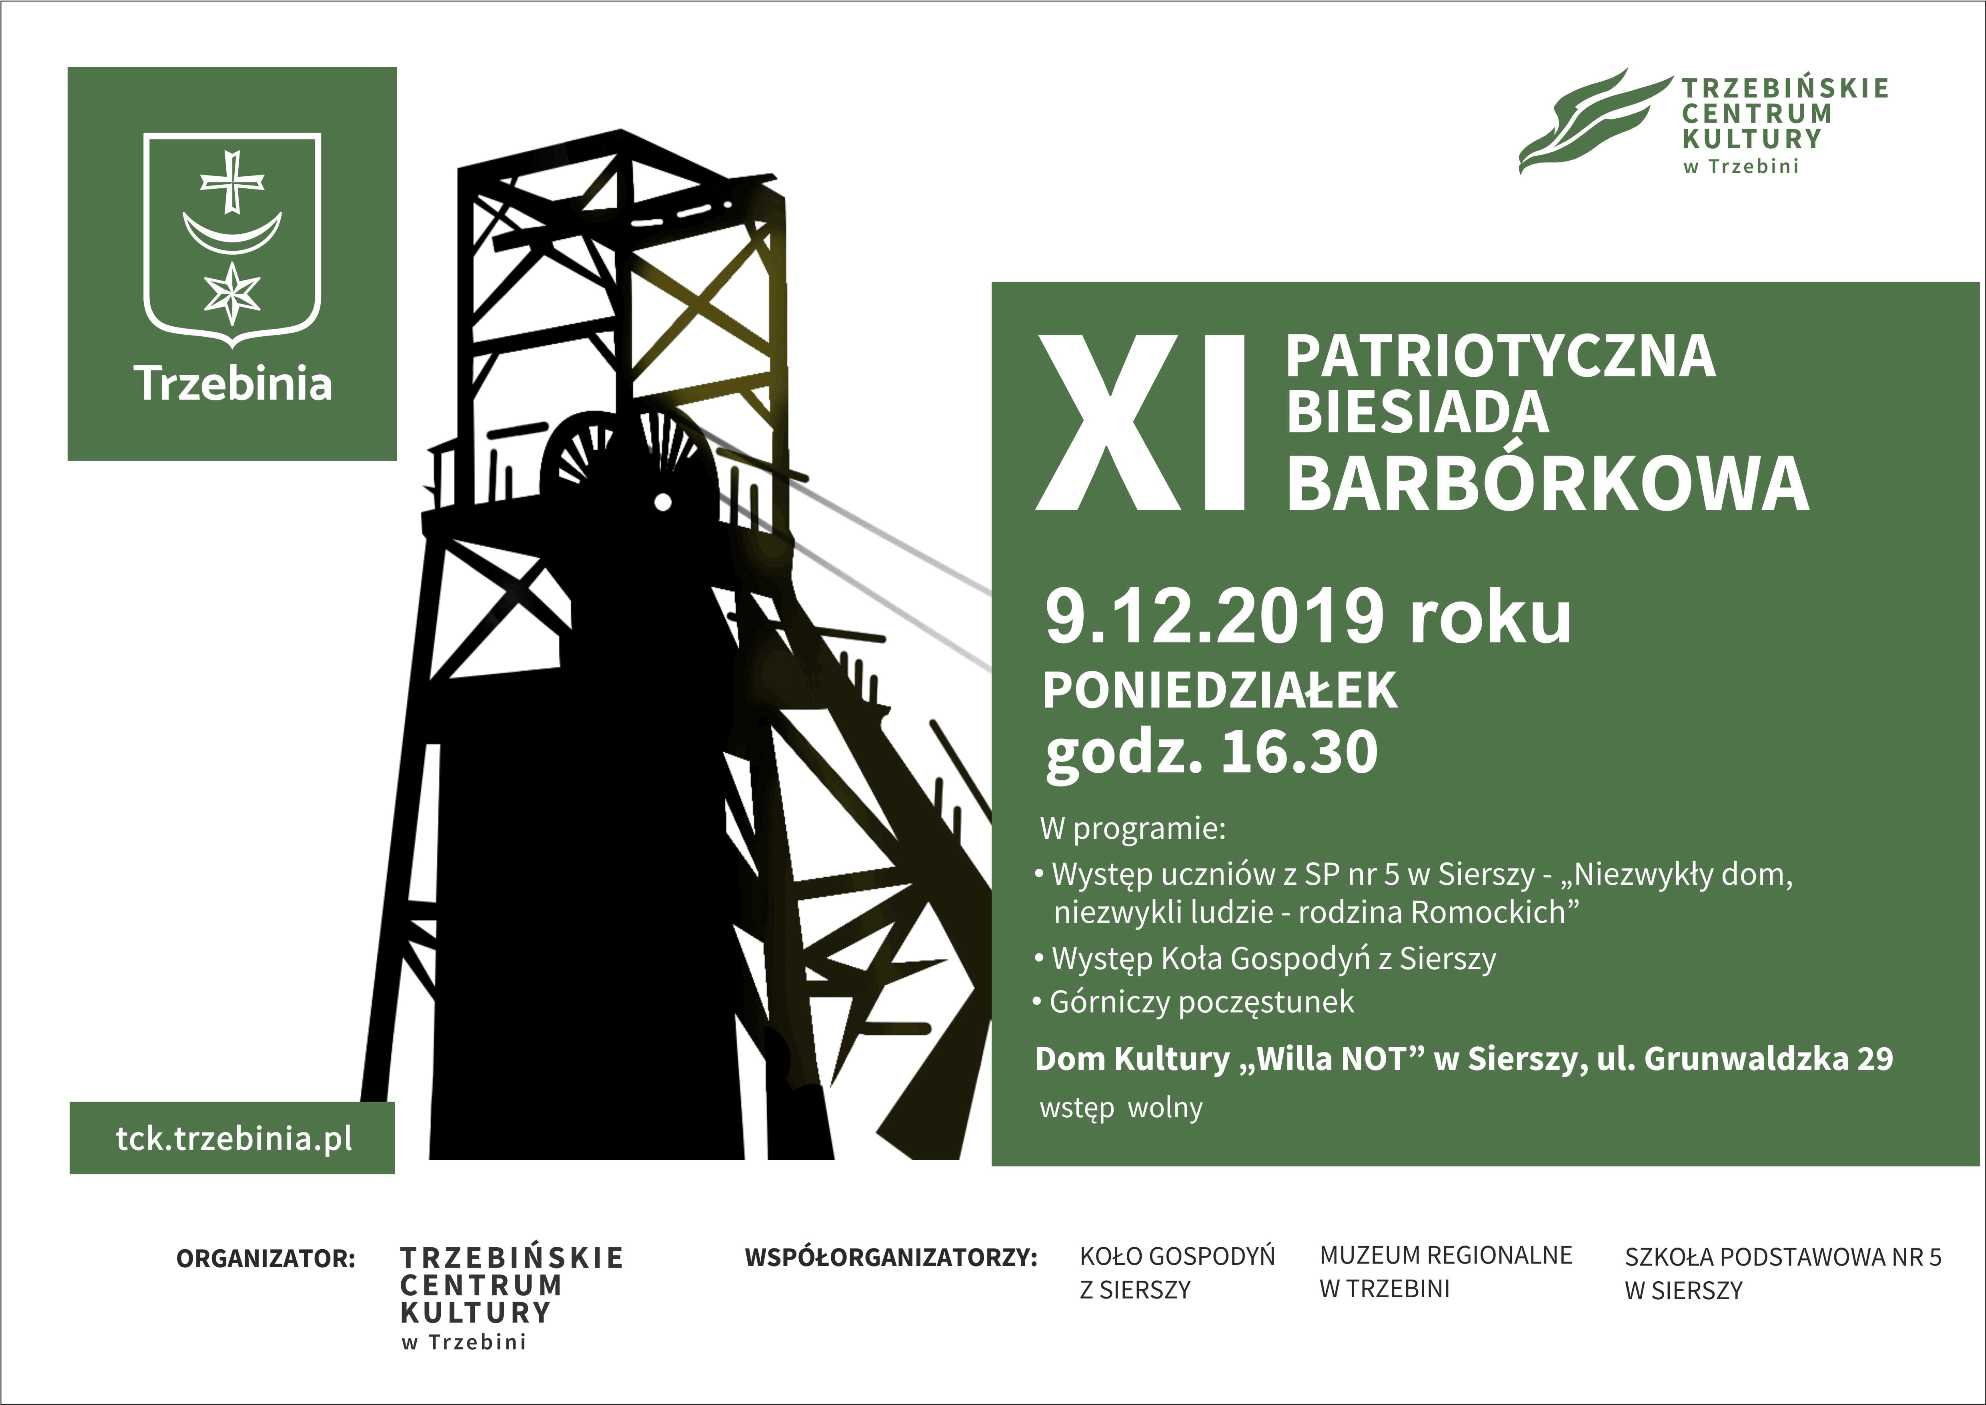 XI Patriotyczna Biesiada Barbórkowa